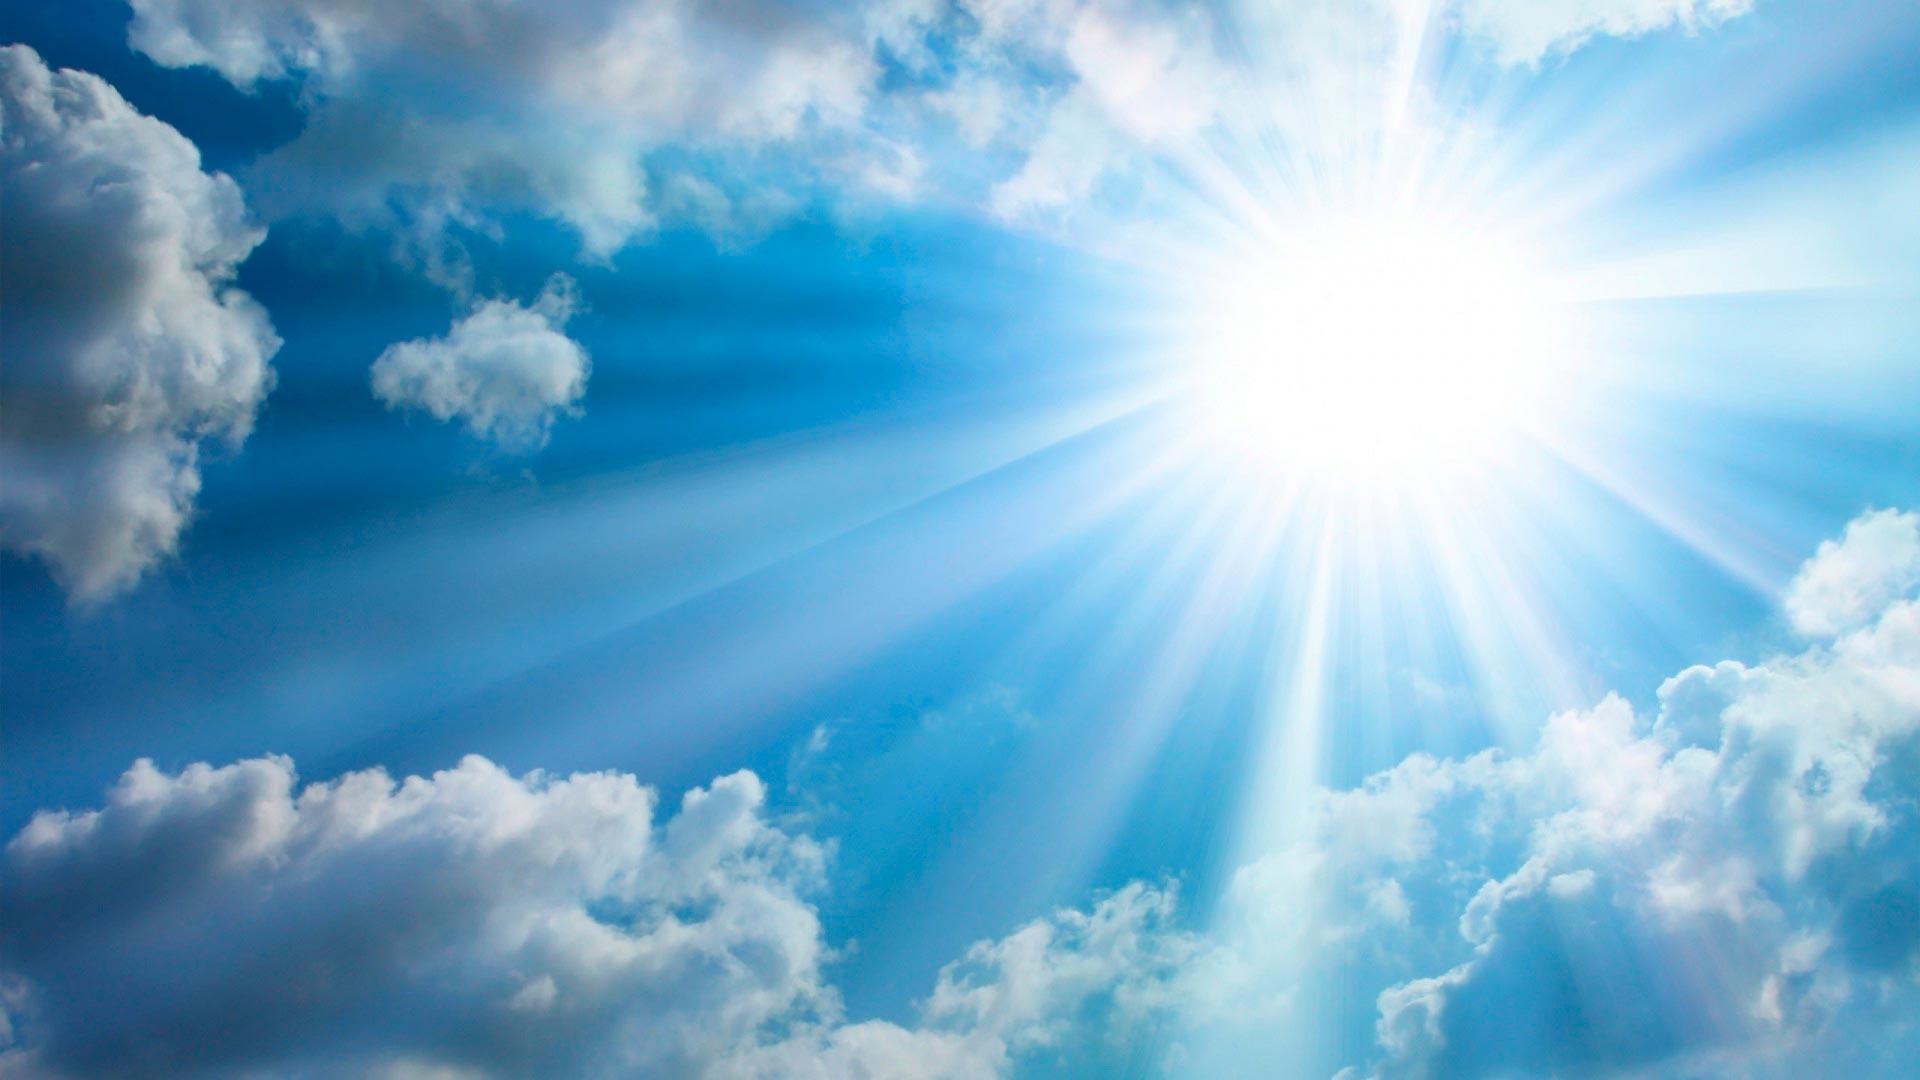 Солнечный день: какой сегодня будет погода в Днепре. Новости Днепра